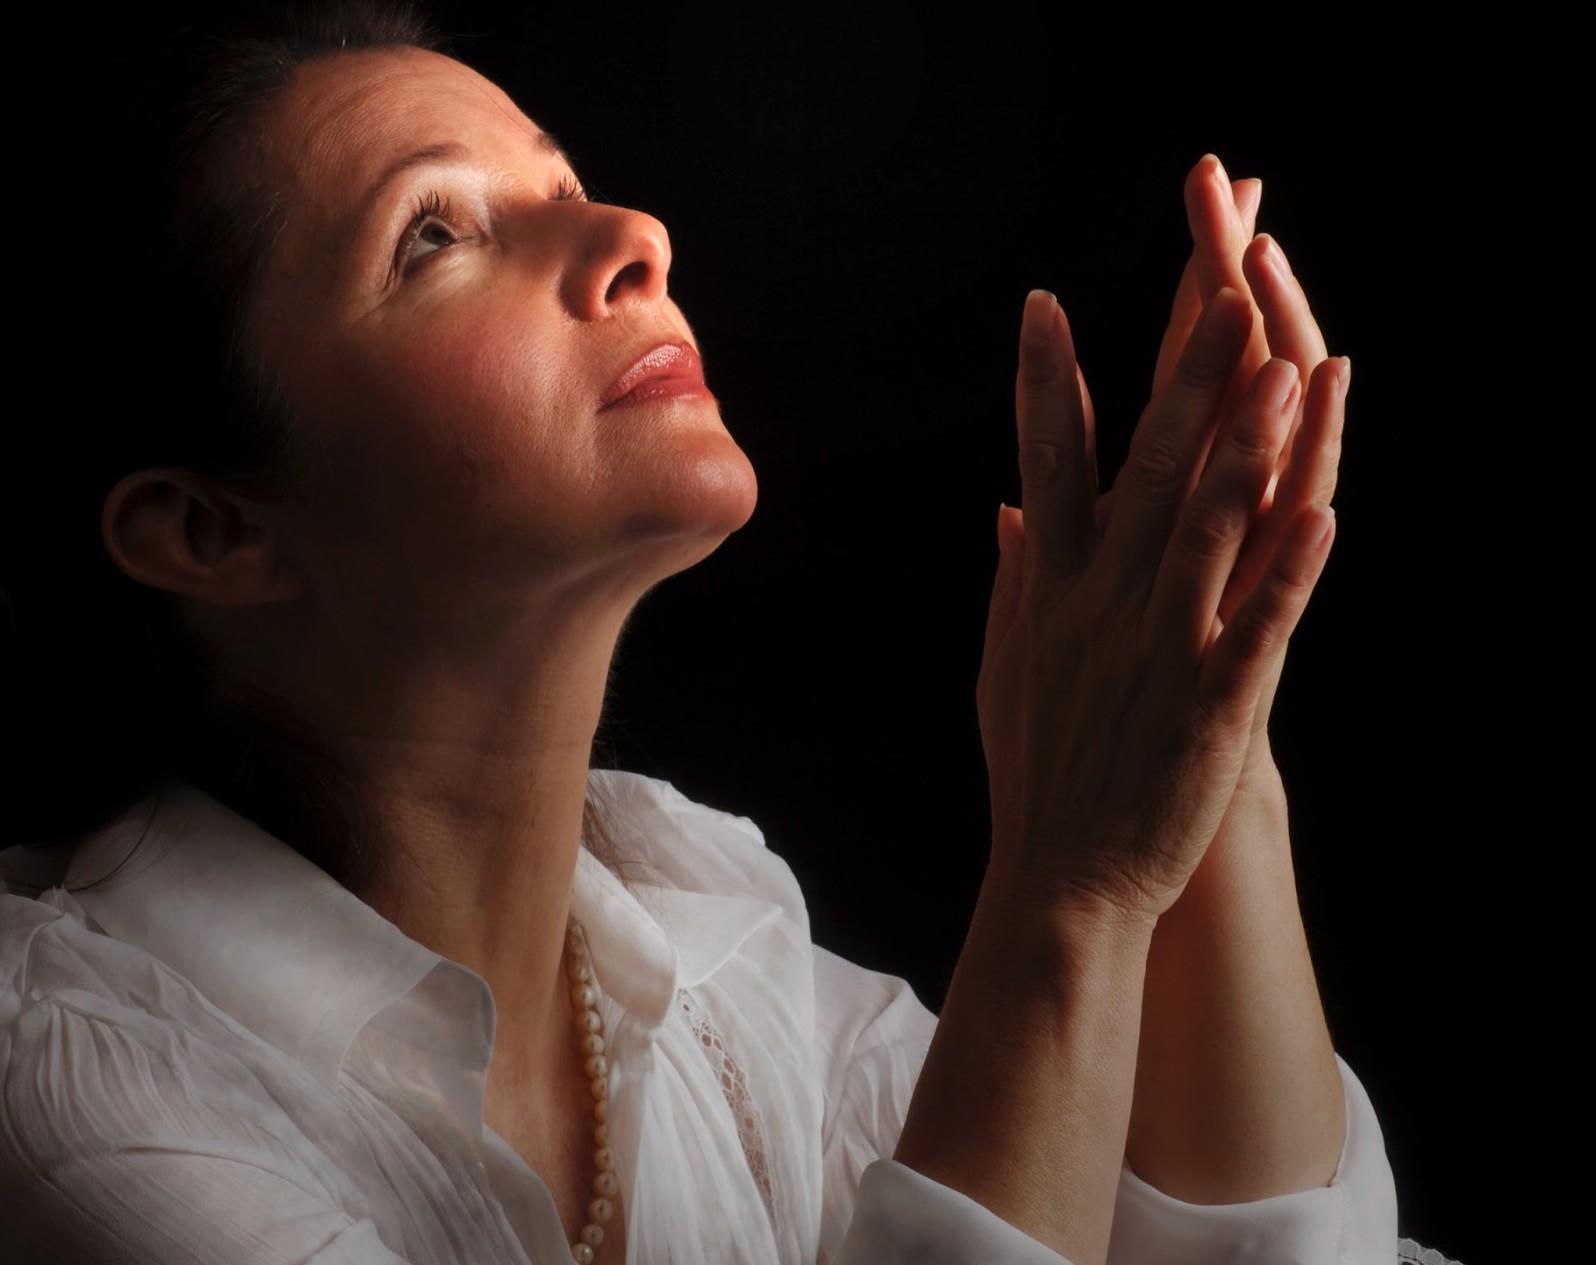 Cómo la Oración Ayuda a Mejorar la Calidad de Vida [según la ciencia]